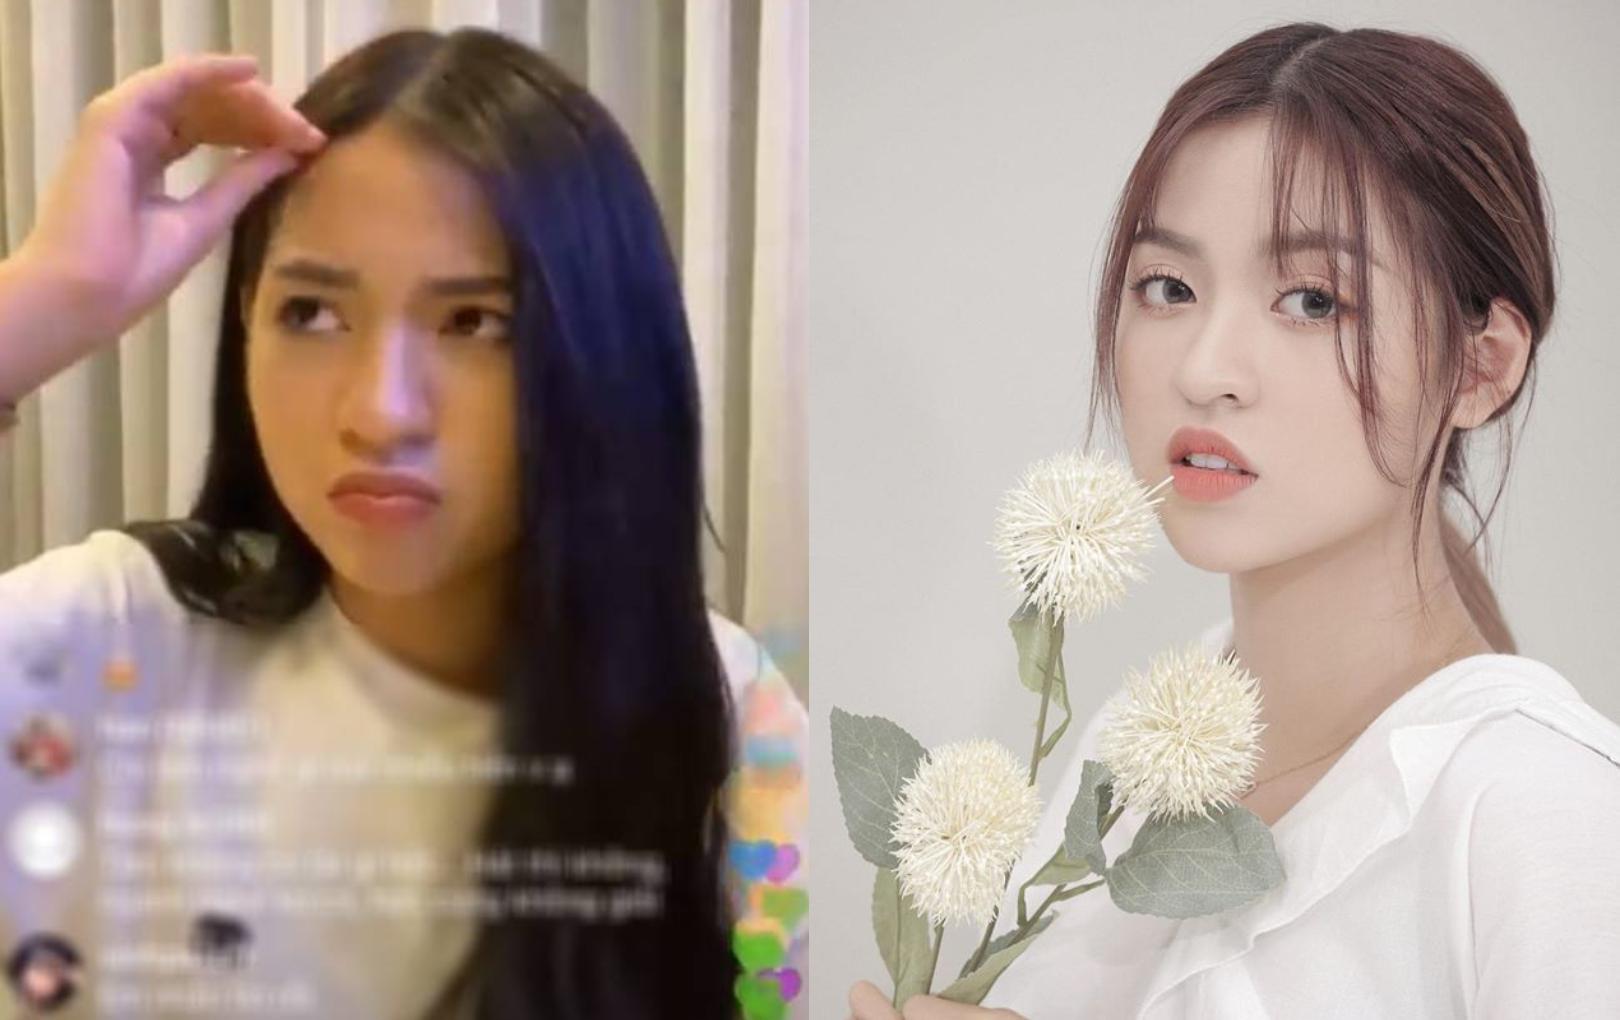 """Hot girl """"trứng rán"""" viết tâm thư xin lỗi sau vụ so sánh trường đại học: """"Trần Thanh Tâm ngày xưa đã chết rồi"""""""